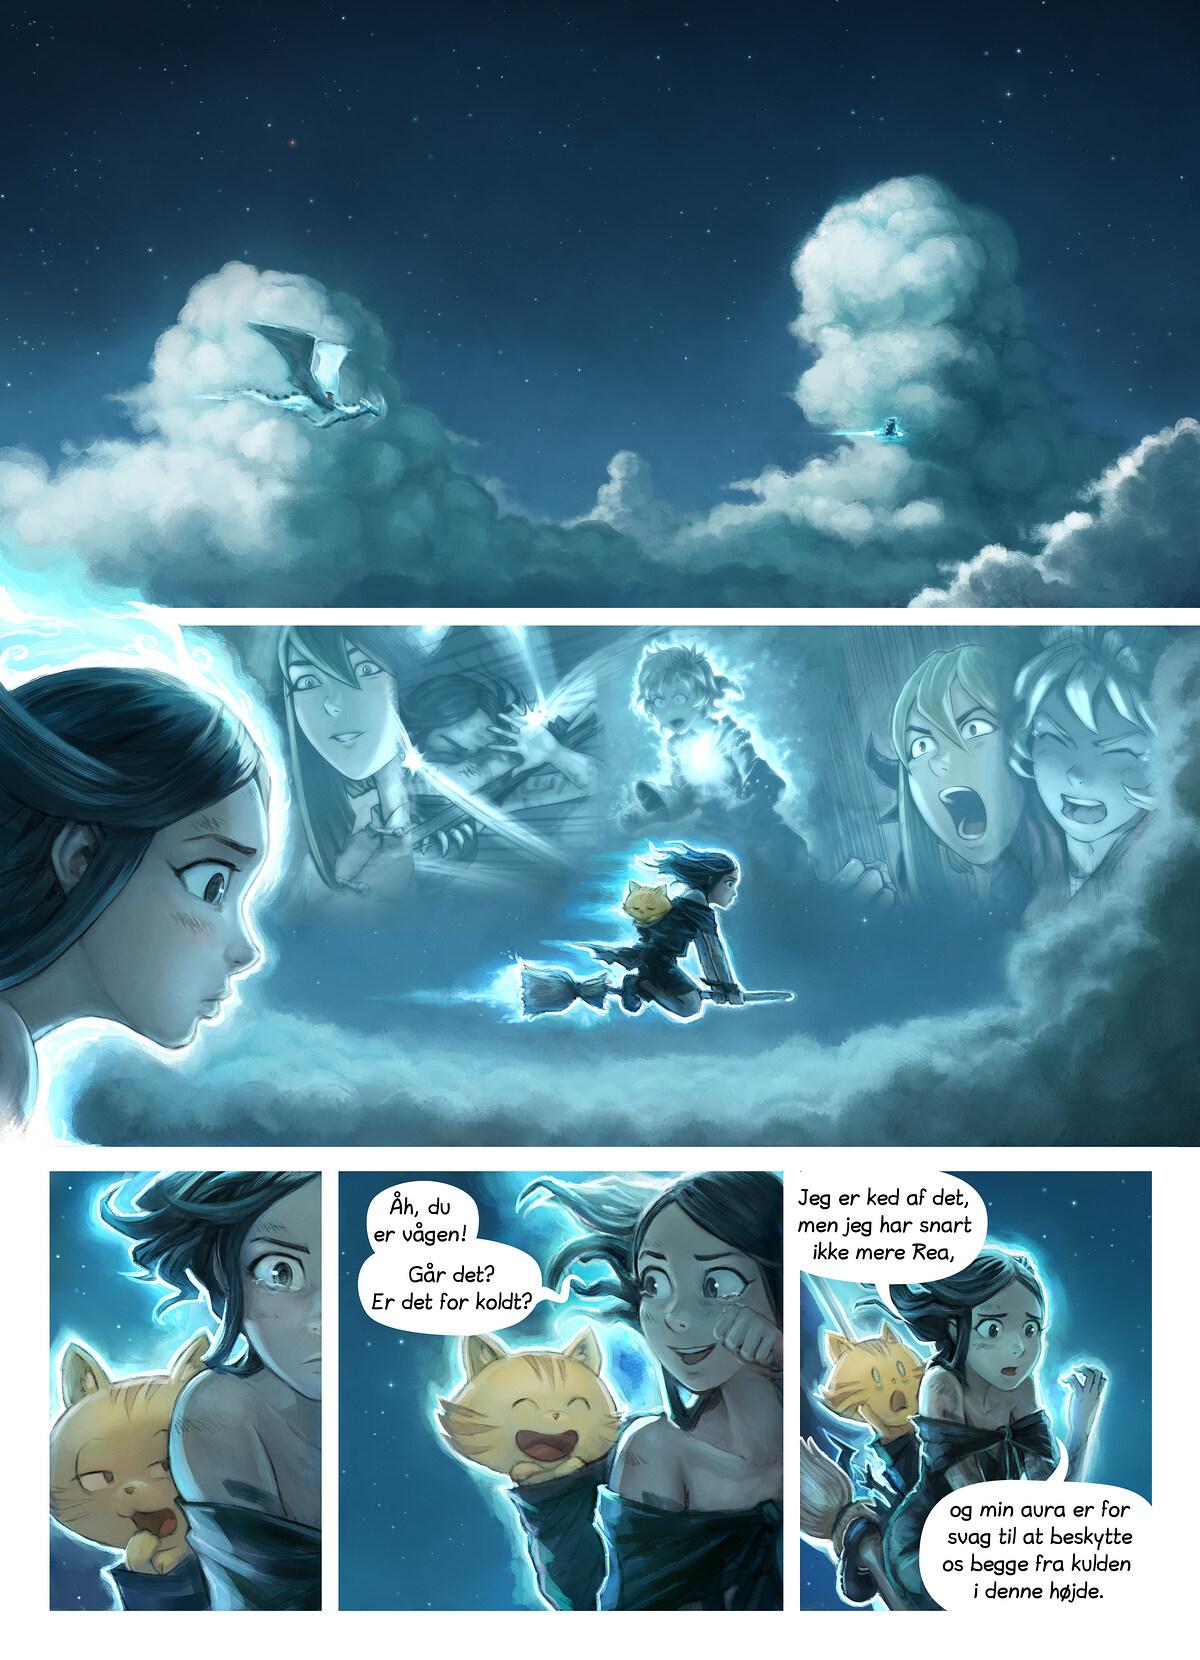 Episode 35: Spejlbilledet, Page 1